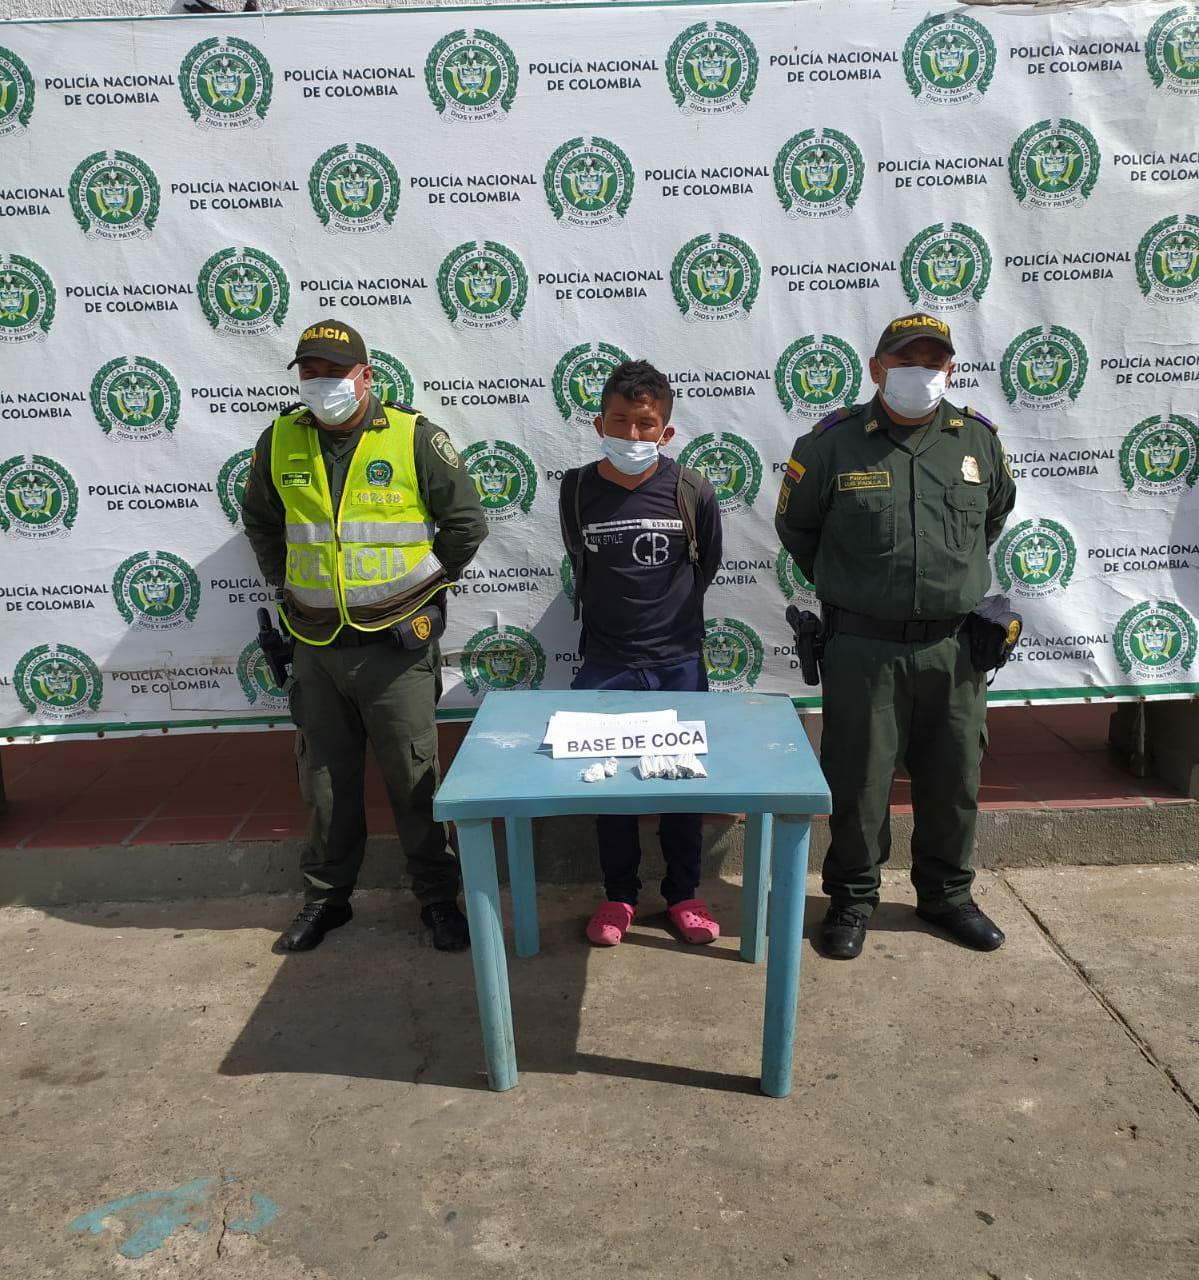 hoyennoticia.com, Cogen jibaro en Maicao con marihuana y coca